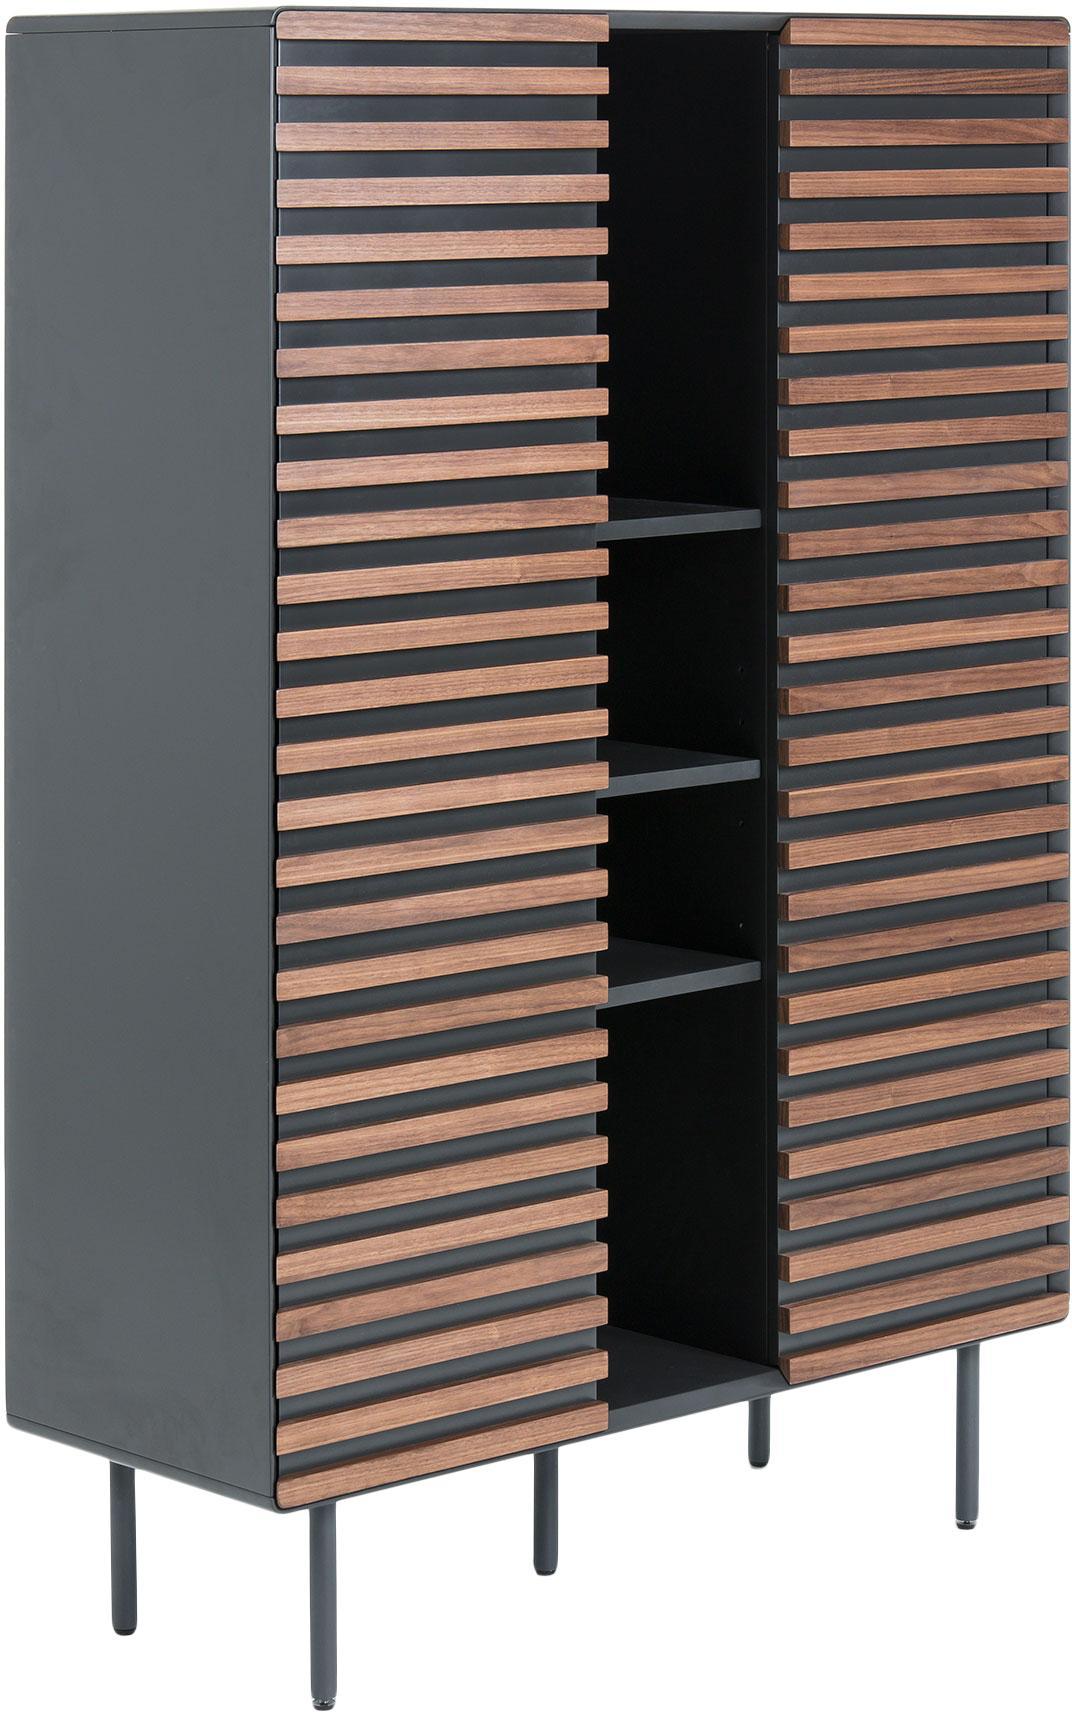 Credenza alta con finitura in noce Kesia, Piedini: metallo, verniciato, Nero, legno di noce, Larg. 105 x Alt. 155 cm